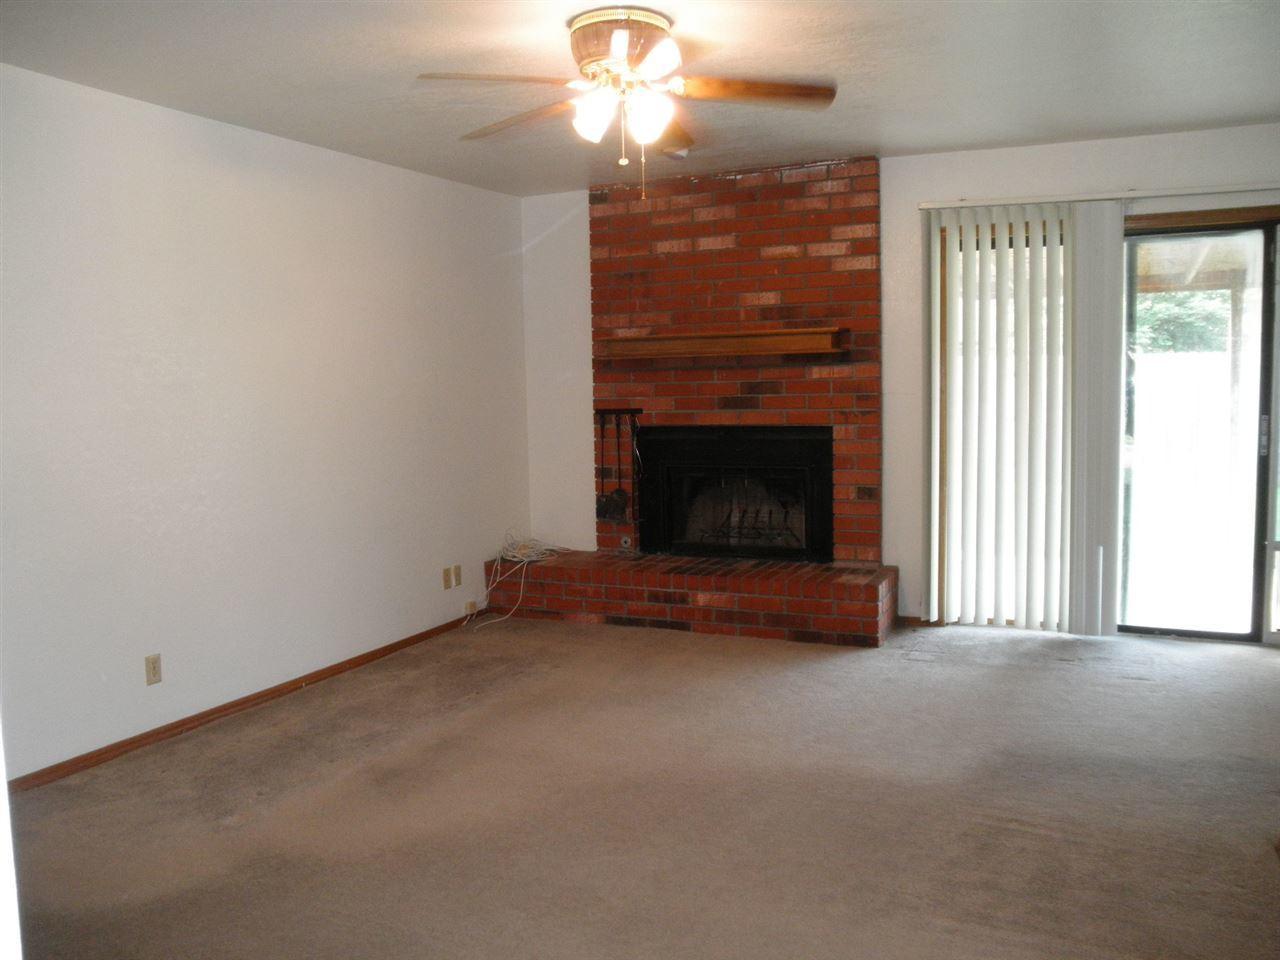 Sold Cross Sale W/ MLS | 124 Woodbury  Ponca City, OK 74601 3